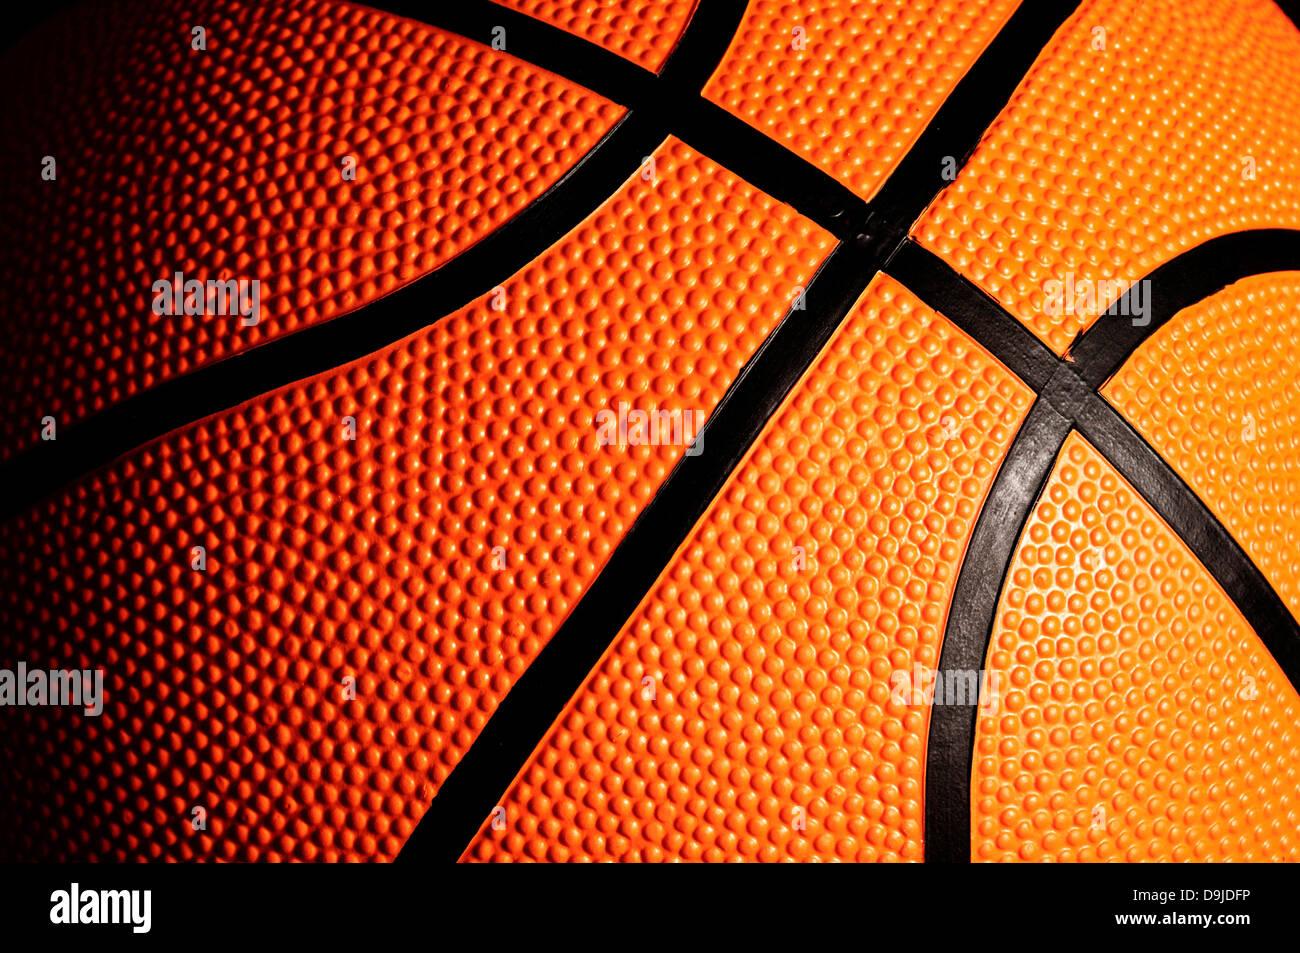 Dettaglio di una palla da basket Immagini Stock